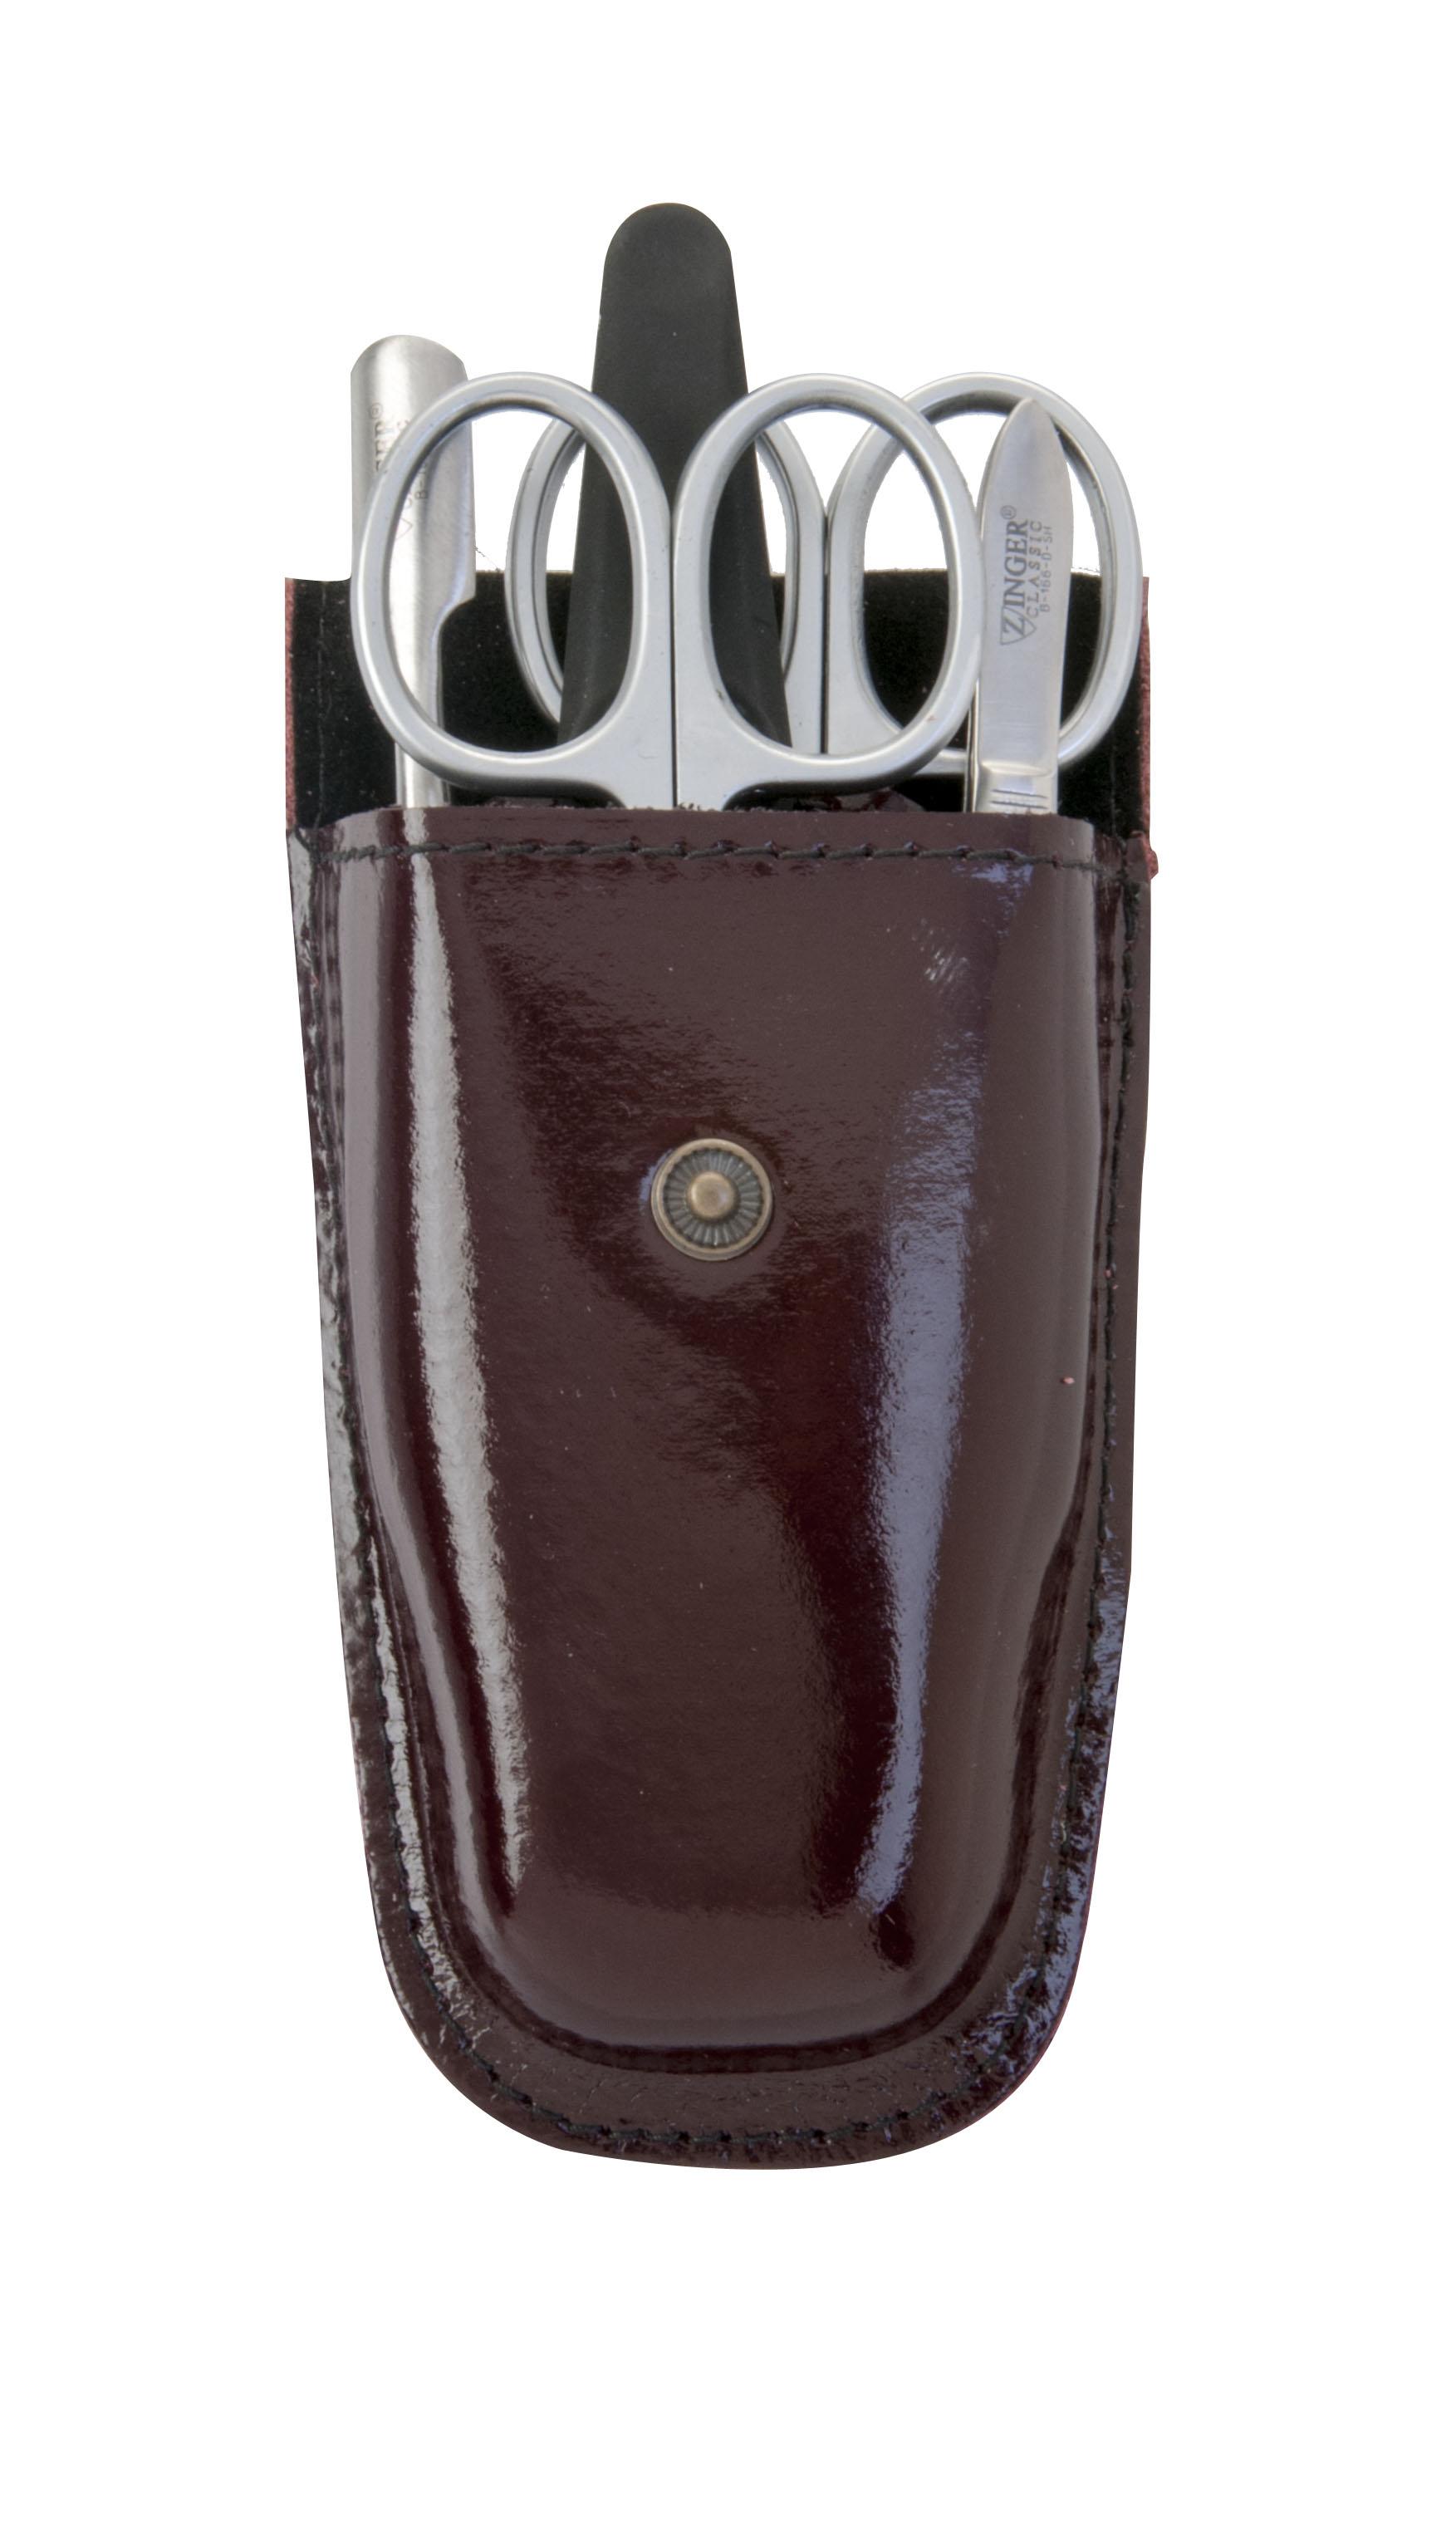 Zinger Маникюрный набор zMs Z-5-D-N21815Ман. набор 5 предметов (ножницы кутикульные, ножницы ногтевые, пилка алмазная, металлический двусторонний шабер , пинцет). Чехол натуральная кожа. Цвет инструментов - матовое серебро. Оригинальня фирменная коробка